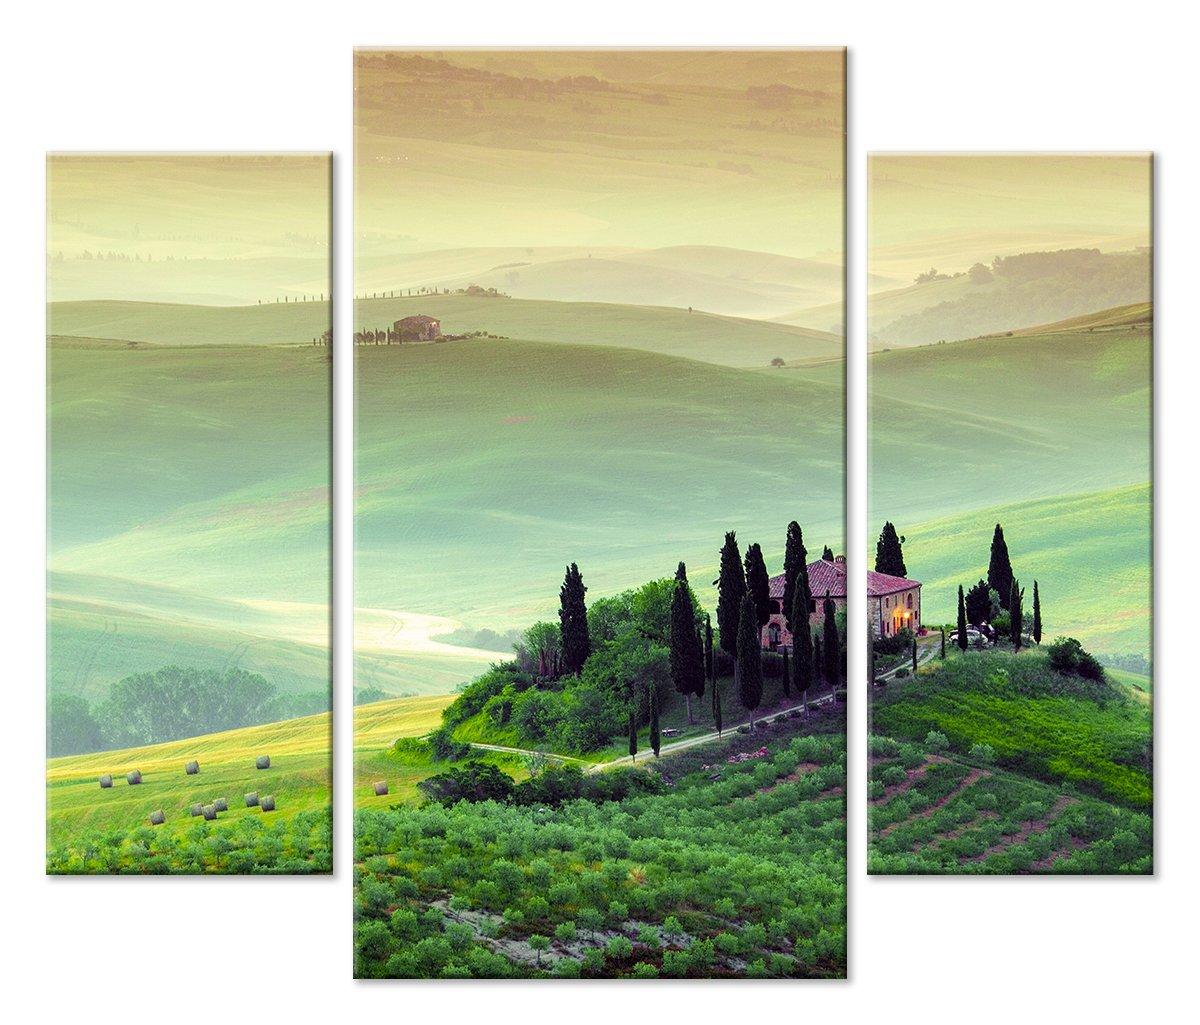 Модульная картина «Райские холмы»Природа<br>Модульная картина на натуральном холсте и деревянном подрамнике. Подвес в комплекте. Трехслойная надежная упаковка. Доставим в любую точку России. Вам осталось только повесить картину на стену!<br>